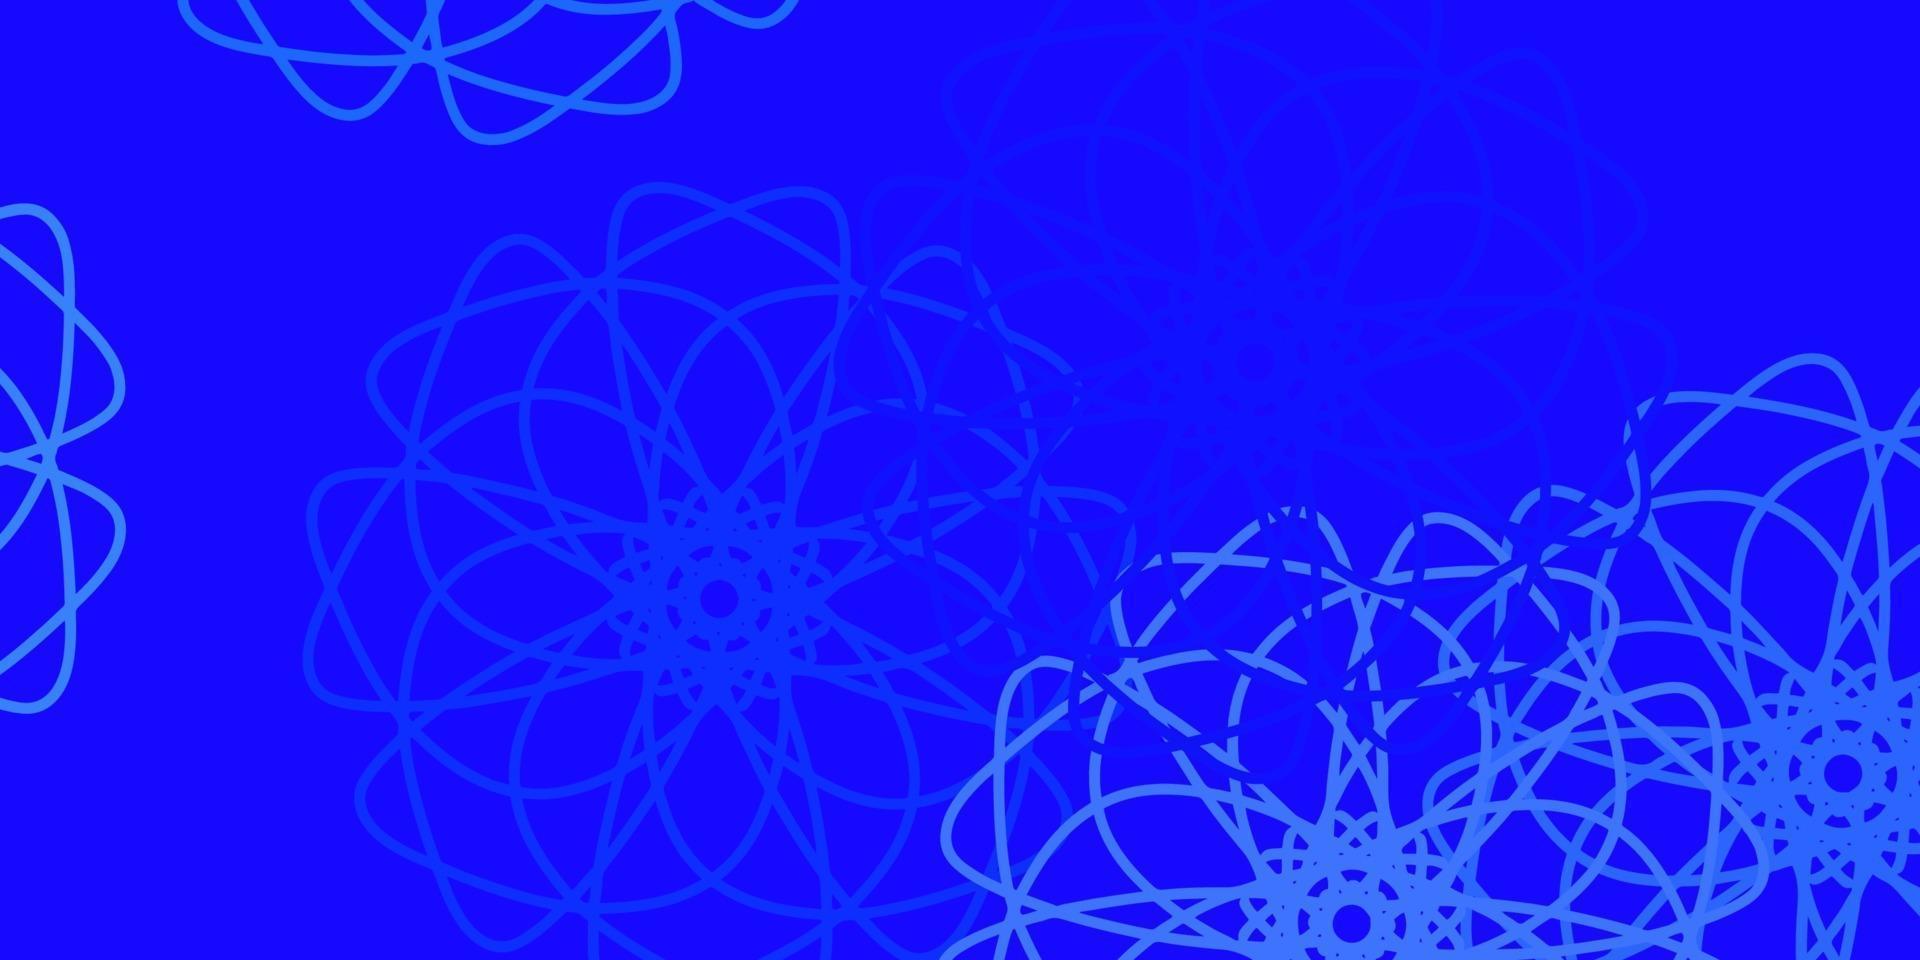 arte natural do vetor azul claro e vermelho com flores.